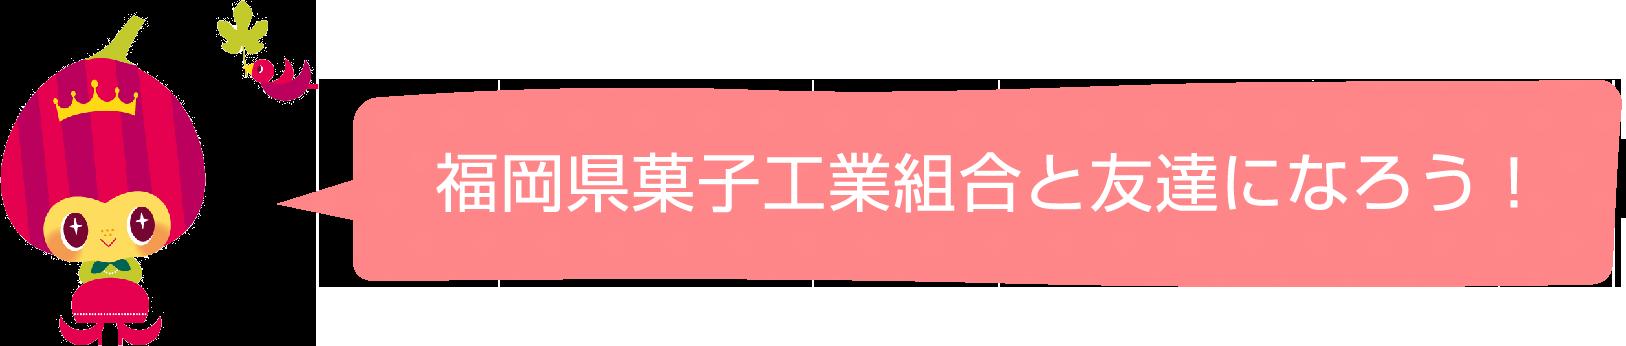 福岡県菓子工業組合と友達になろう!